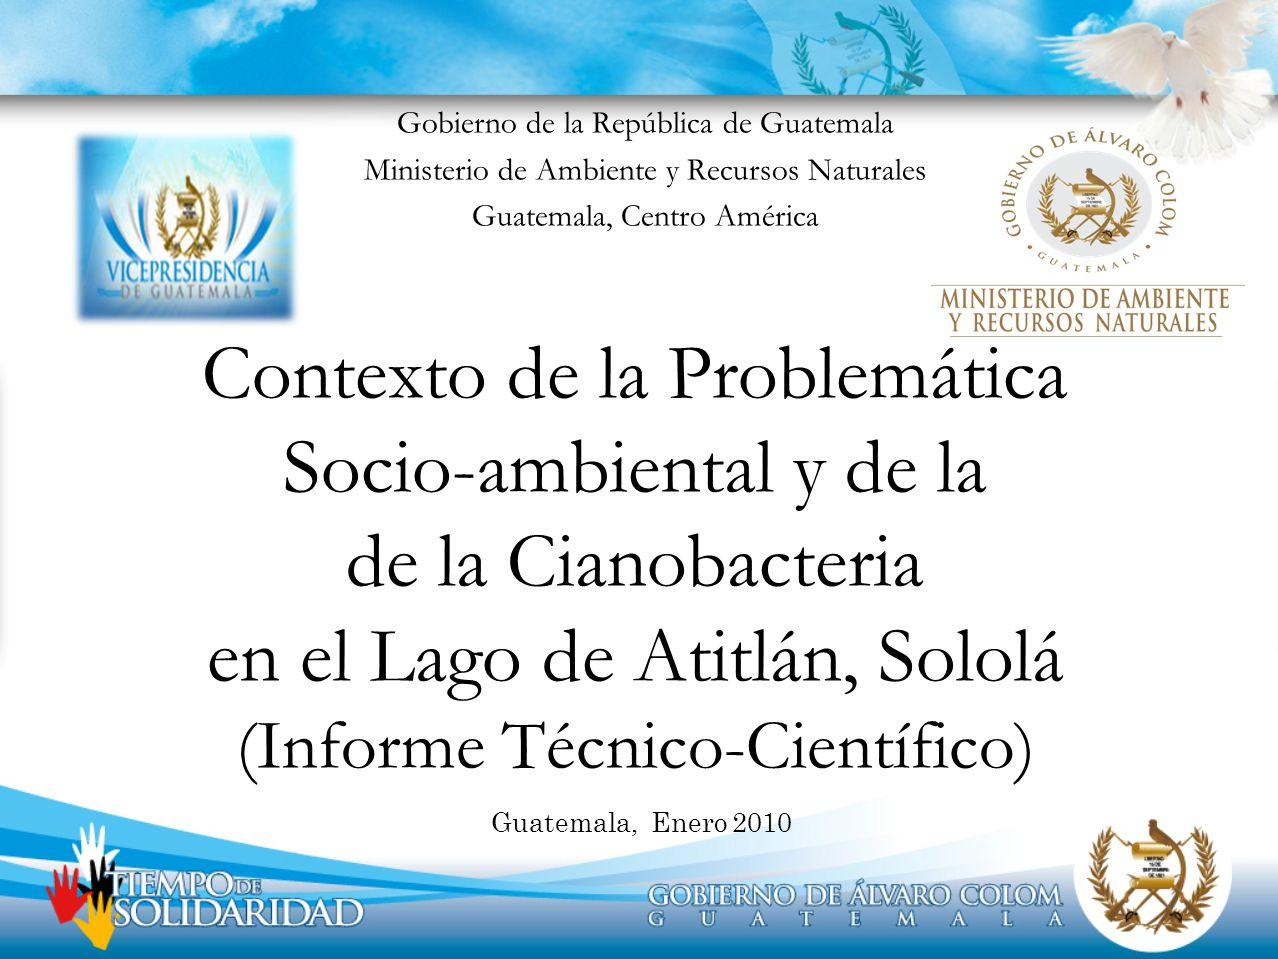 Contexto de la Problemática Socio-ambiental y de la de la Cianobacteria en el Lago de Atitlán, Sololá (Informe Técnico-Científico) Gobierno de la Repú